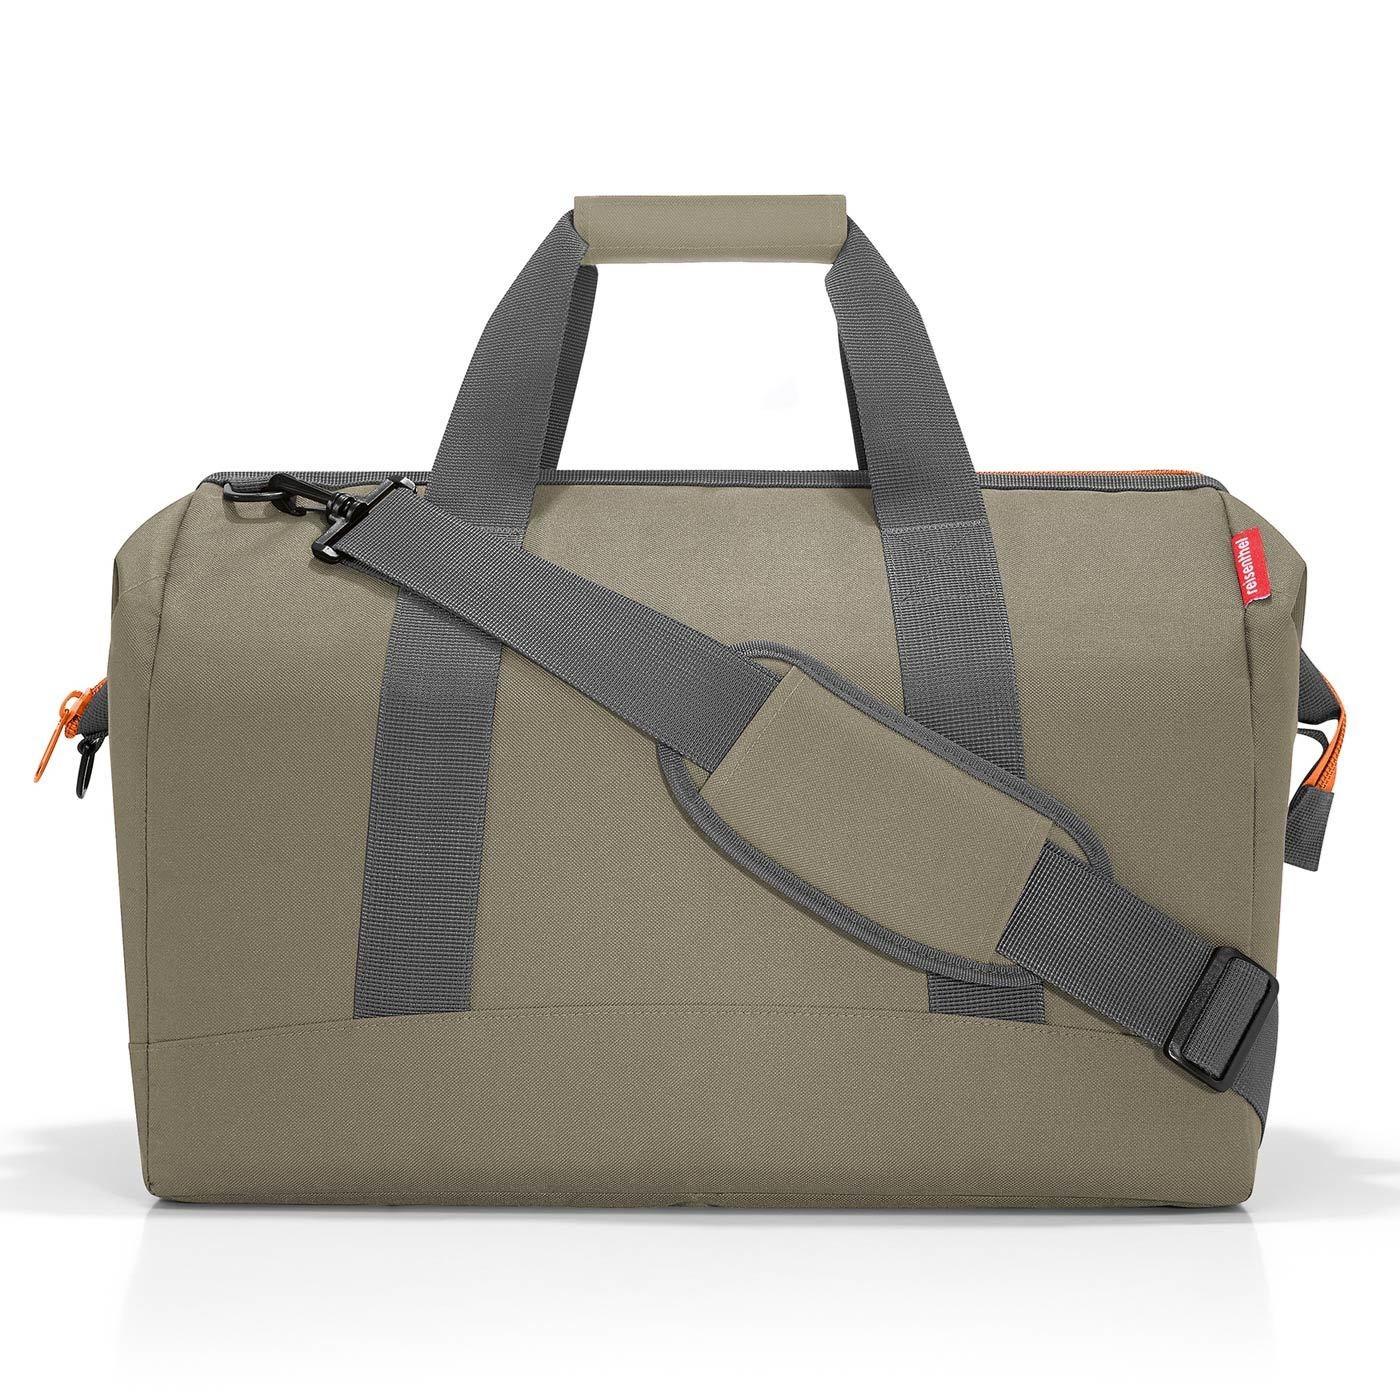 Cestovní taška Allrounder L olive green_1